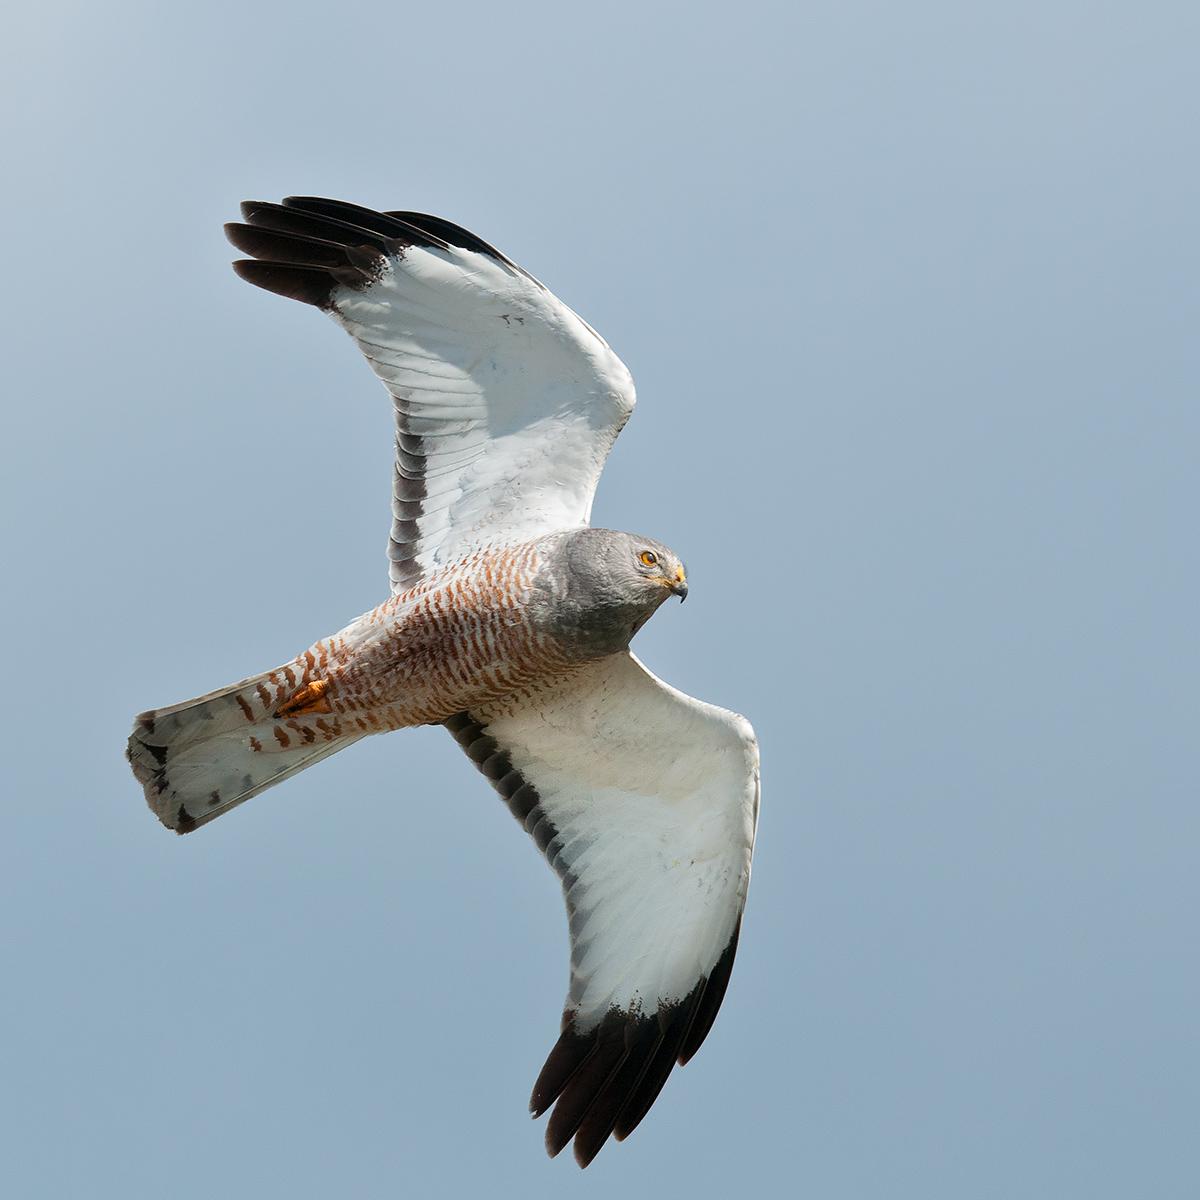 Male furry angella in flight...